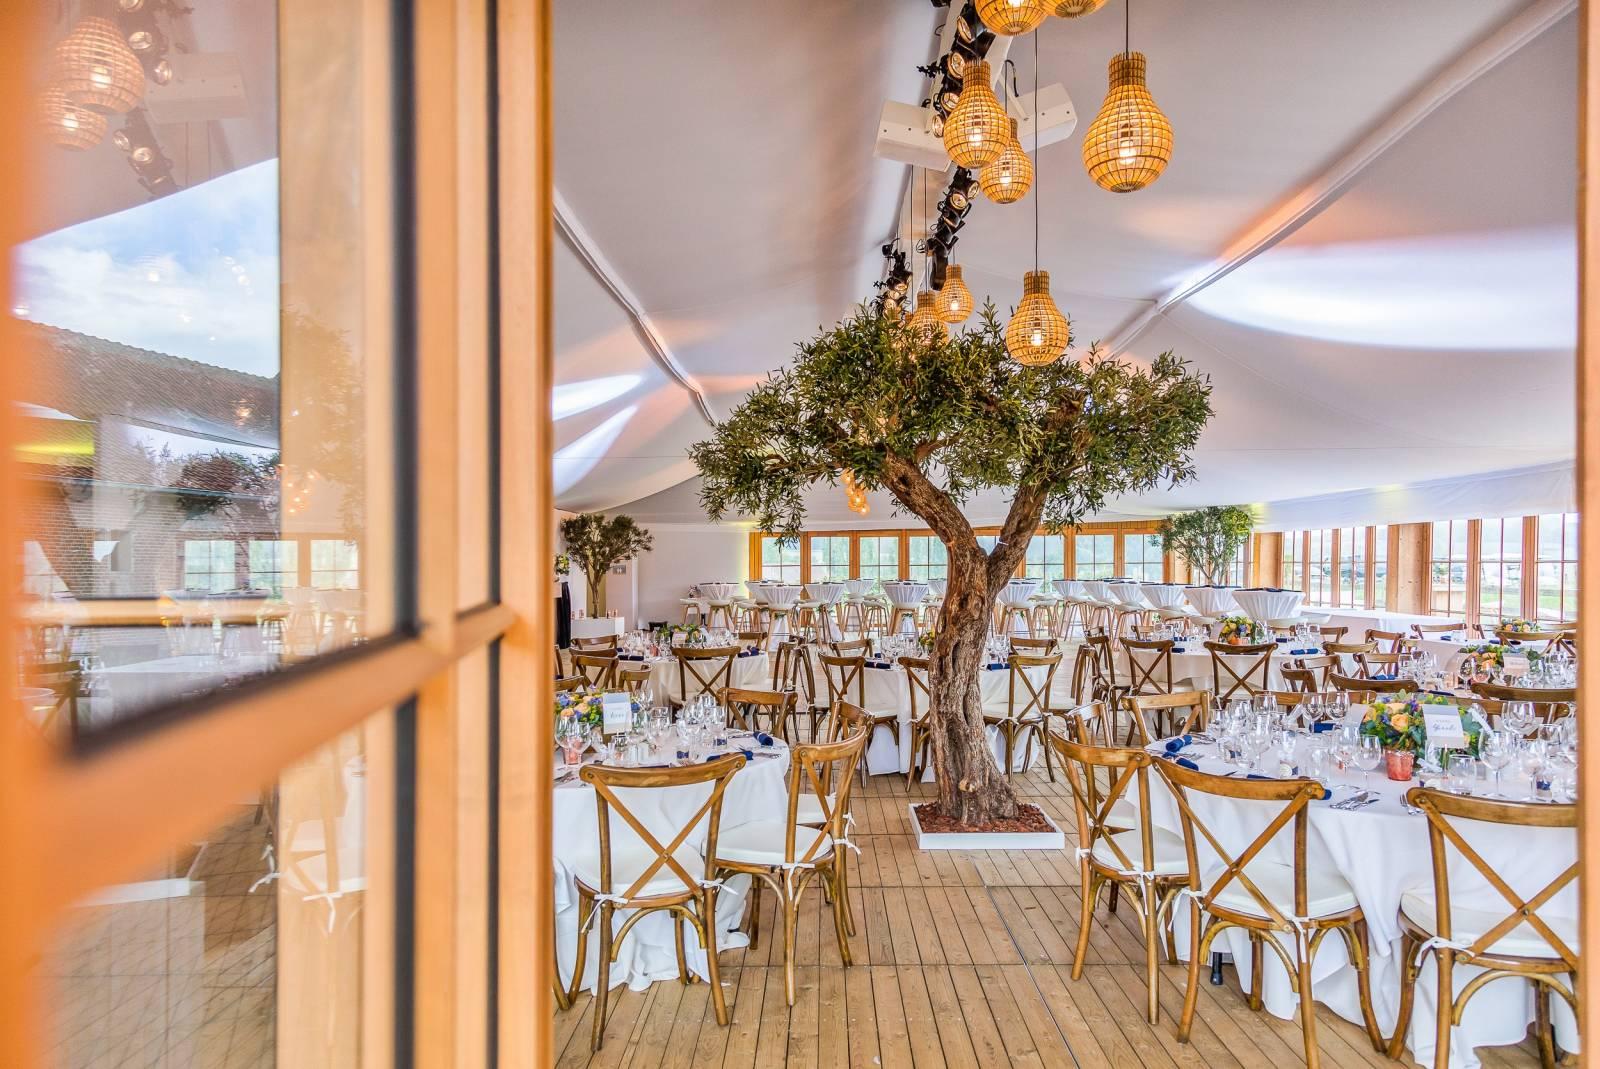 Tentmoment - Feesttent - Tent Event - Verhuur Tenten - Fotograaf Jurgen De Witte - House of Events - 9